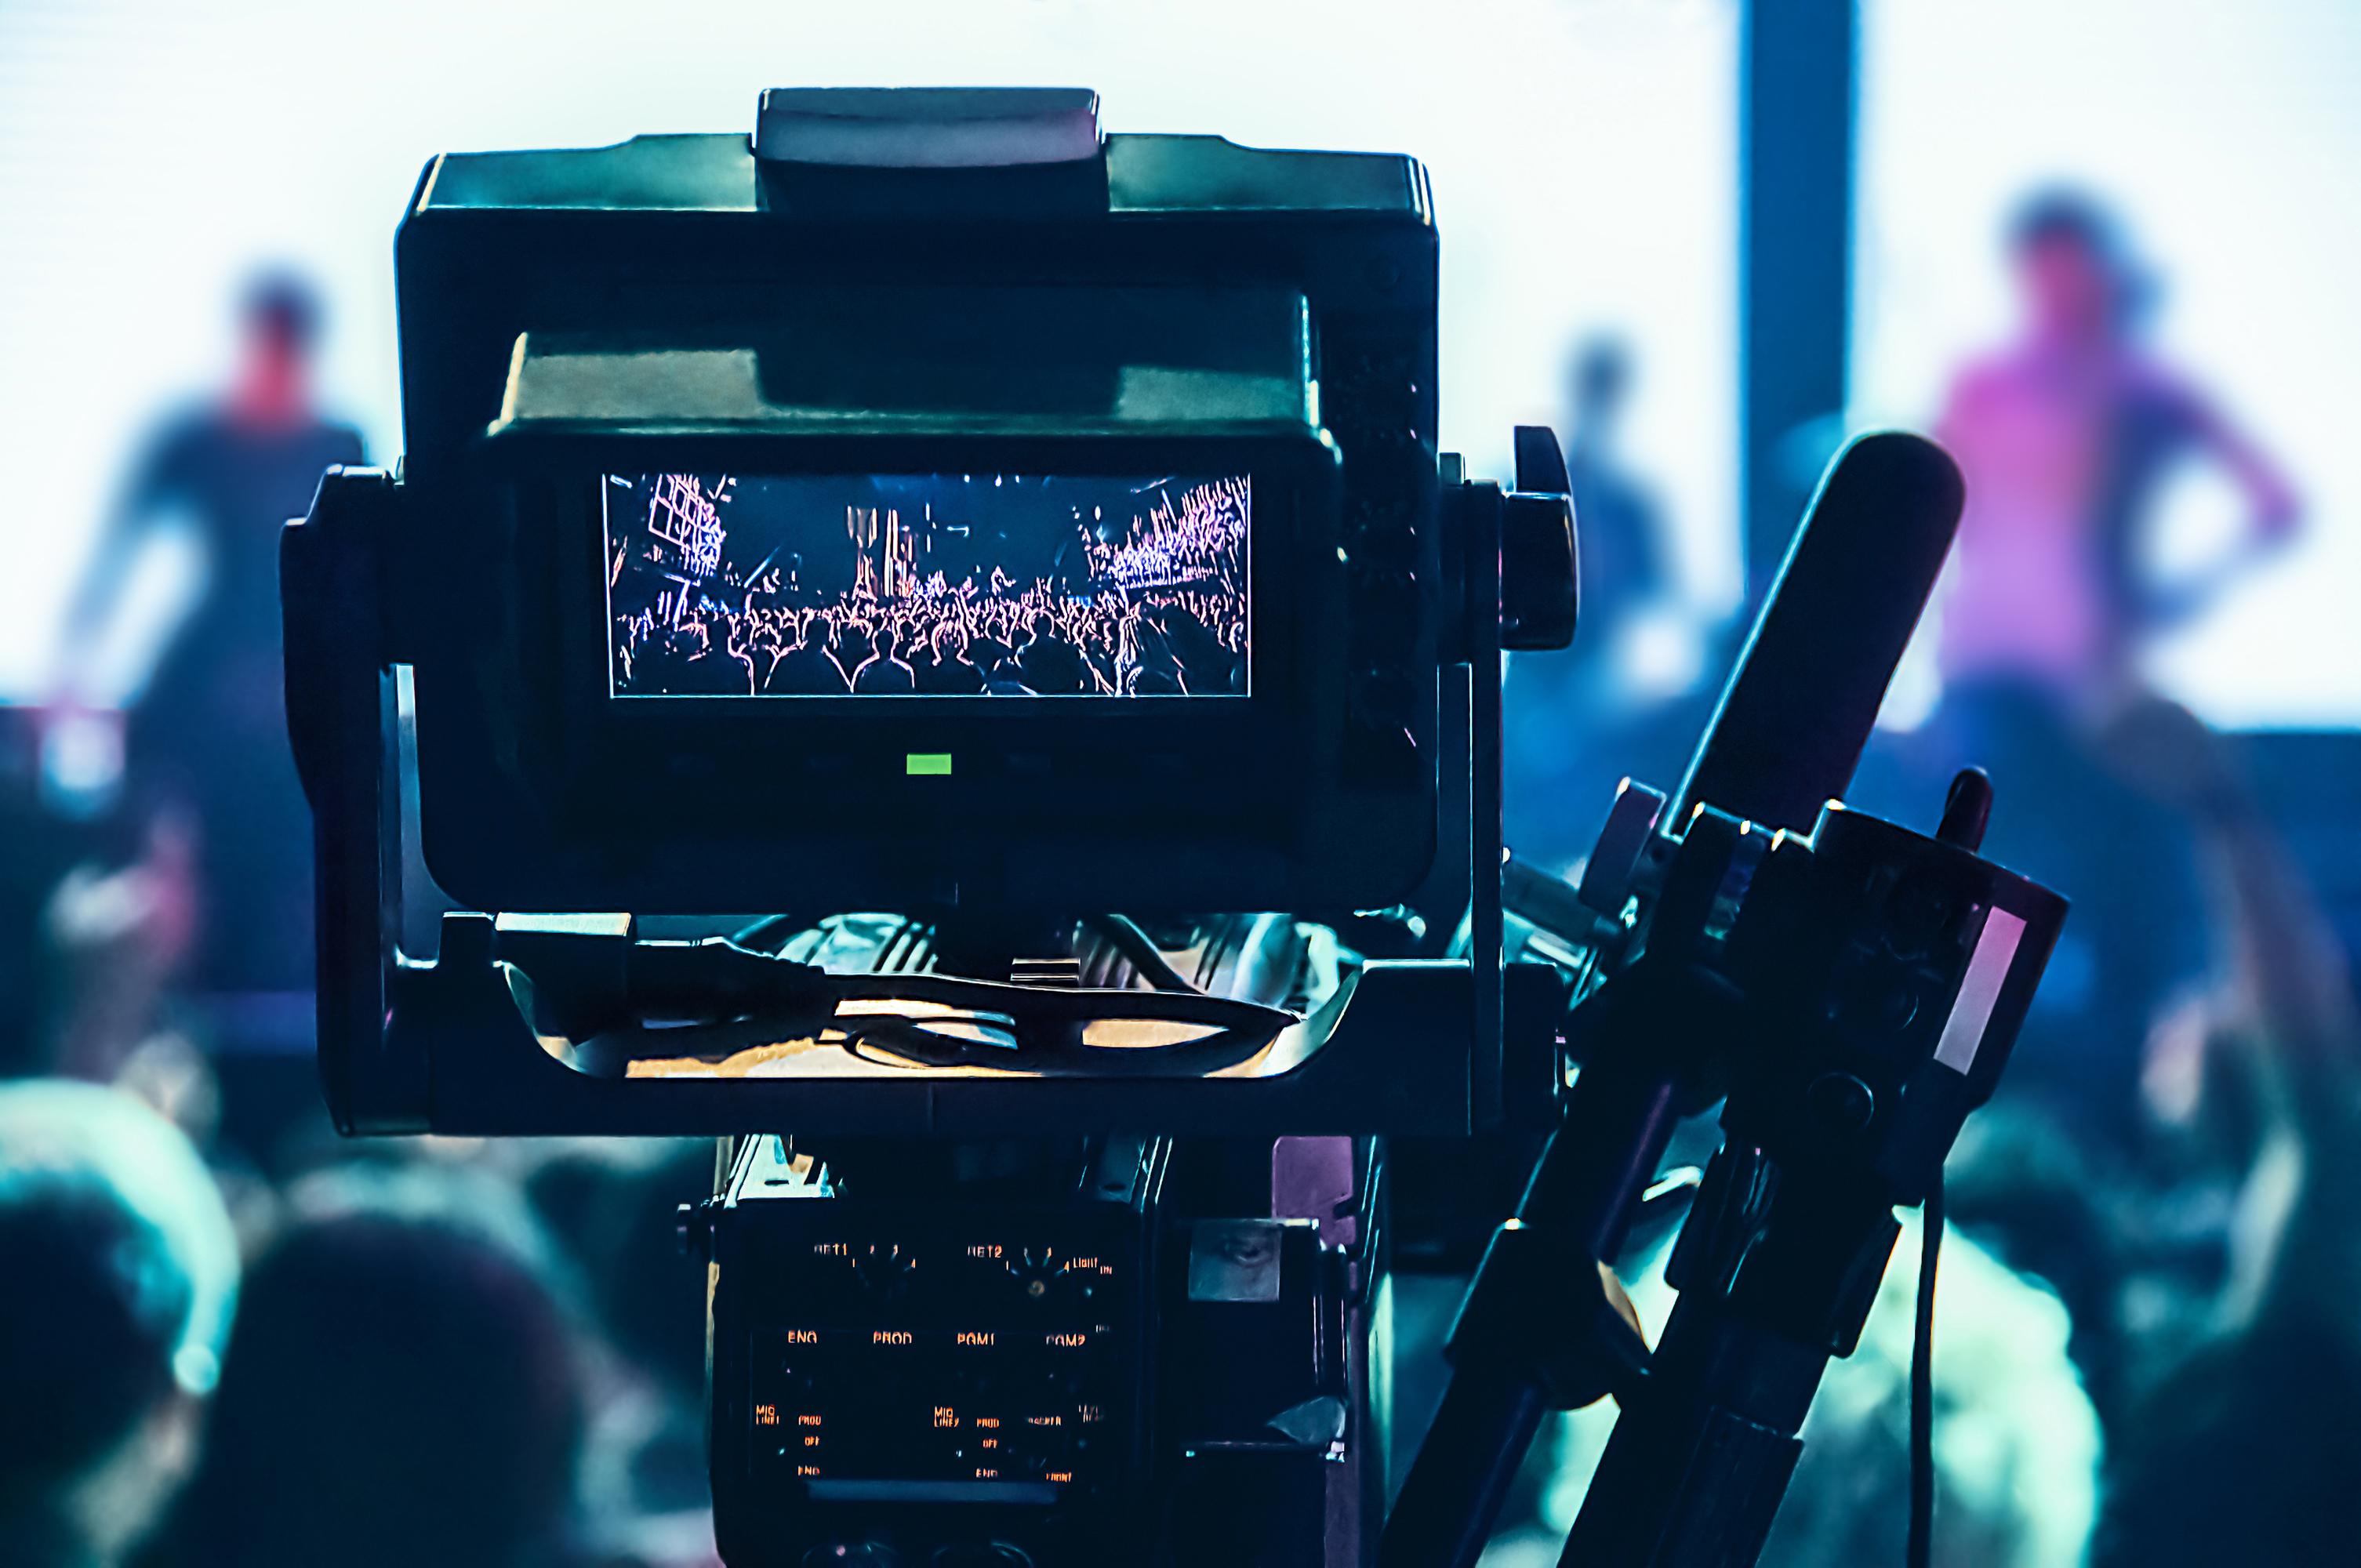 World Media - i need media crew members